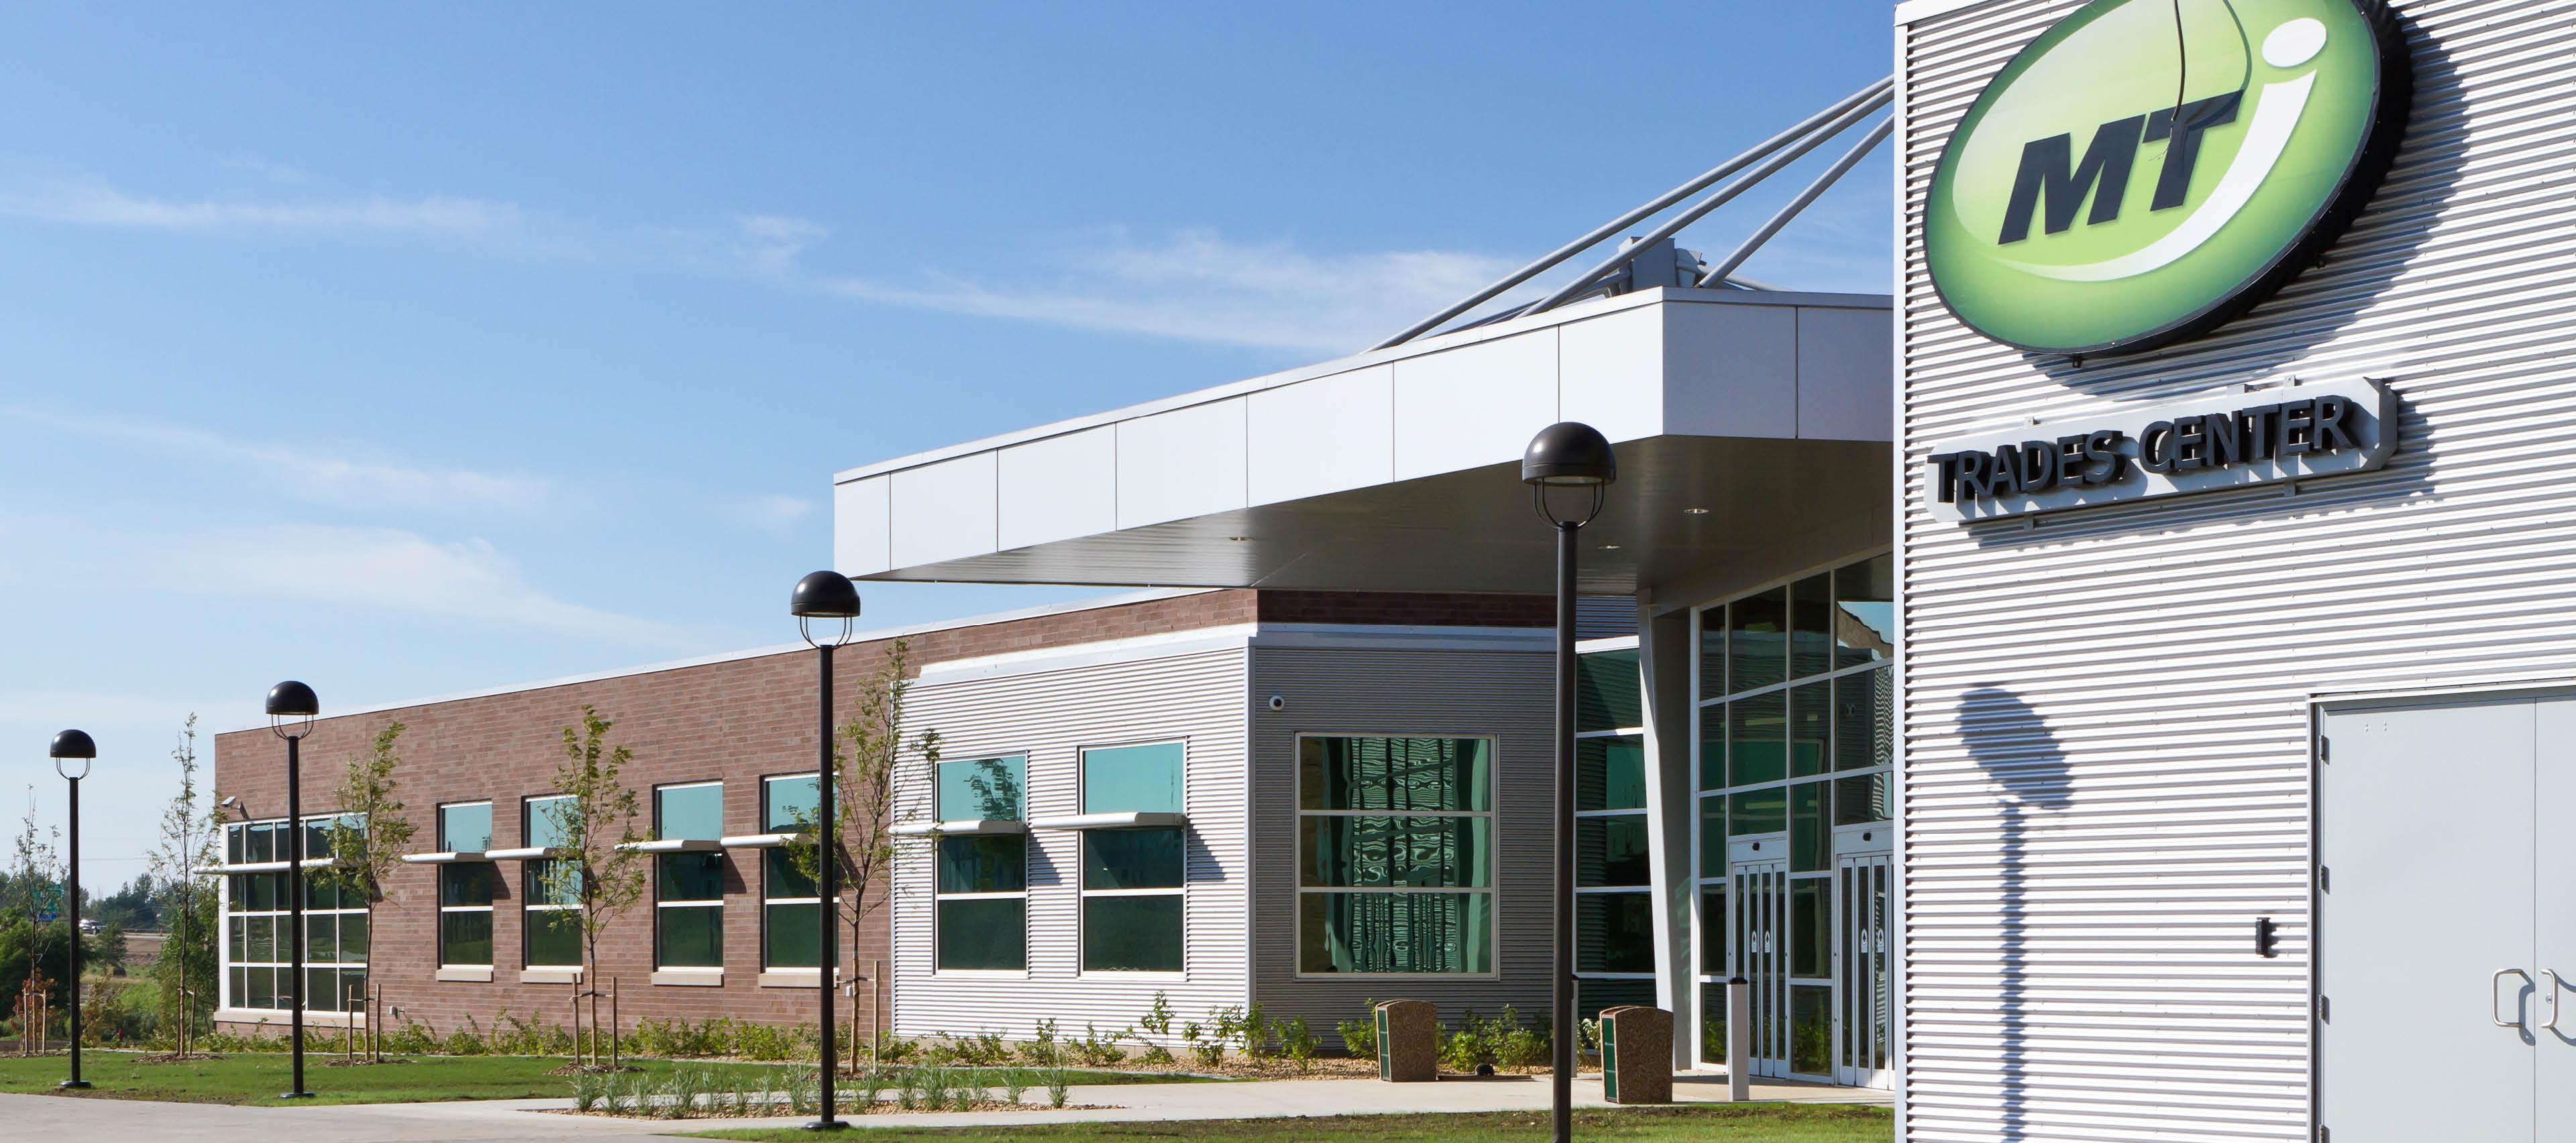 MTI Trades Center